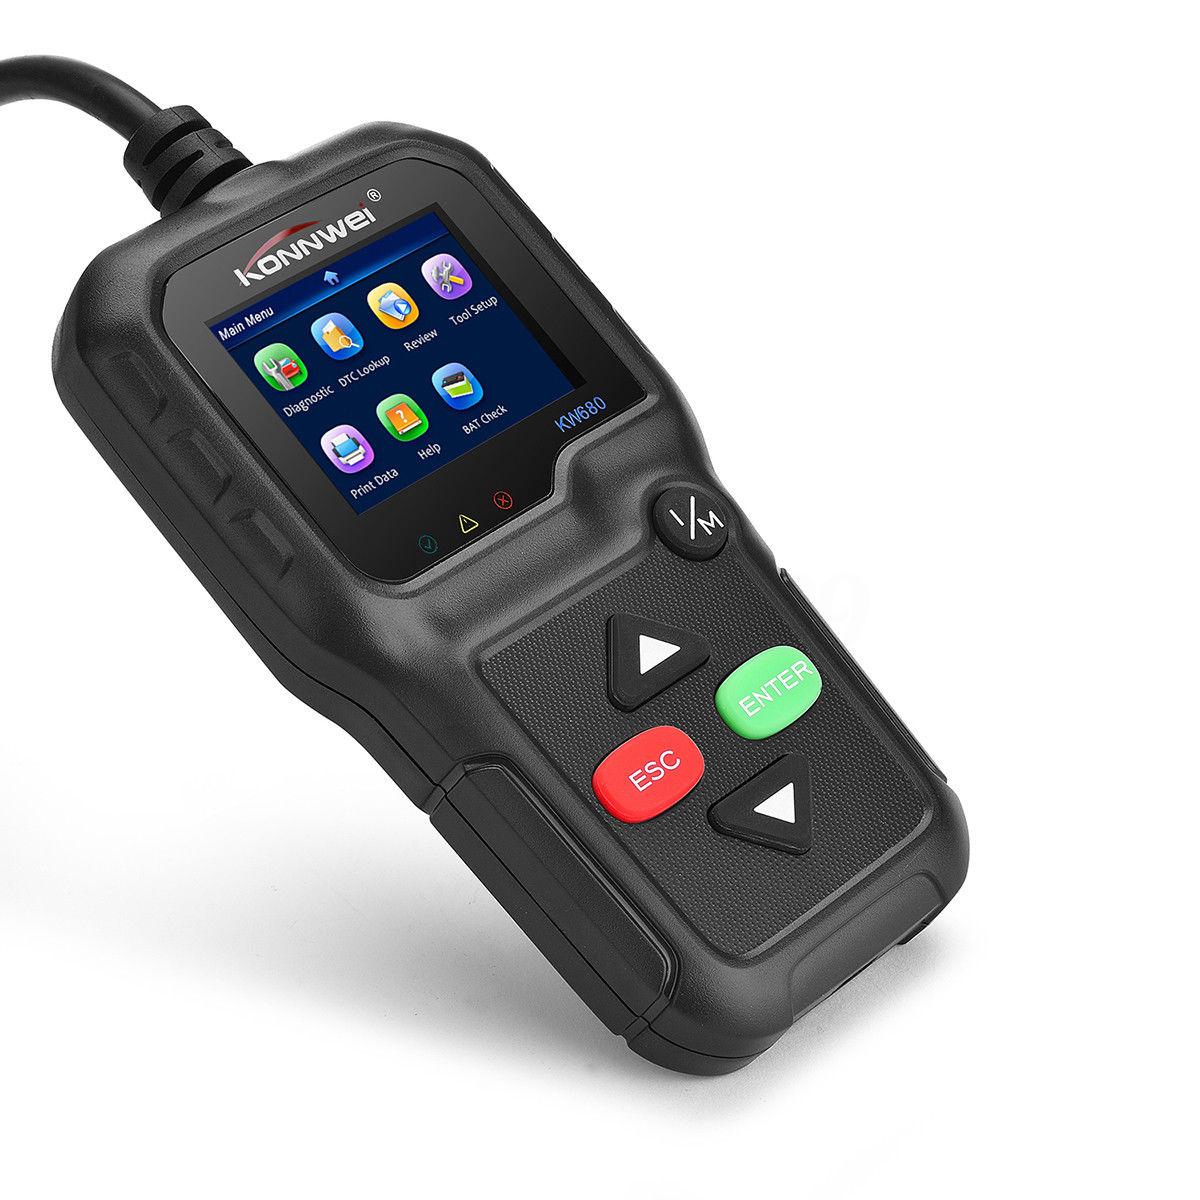 Buy KW680 Auto OBD2 OBDII Scanner Car Code Reader Diagnostic Engine